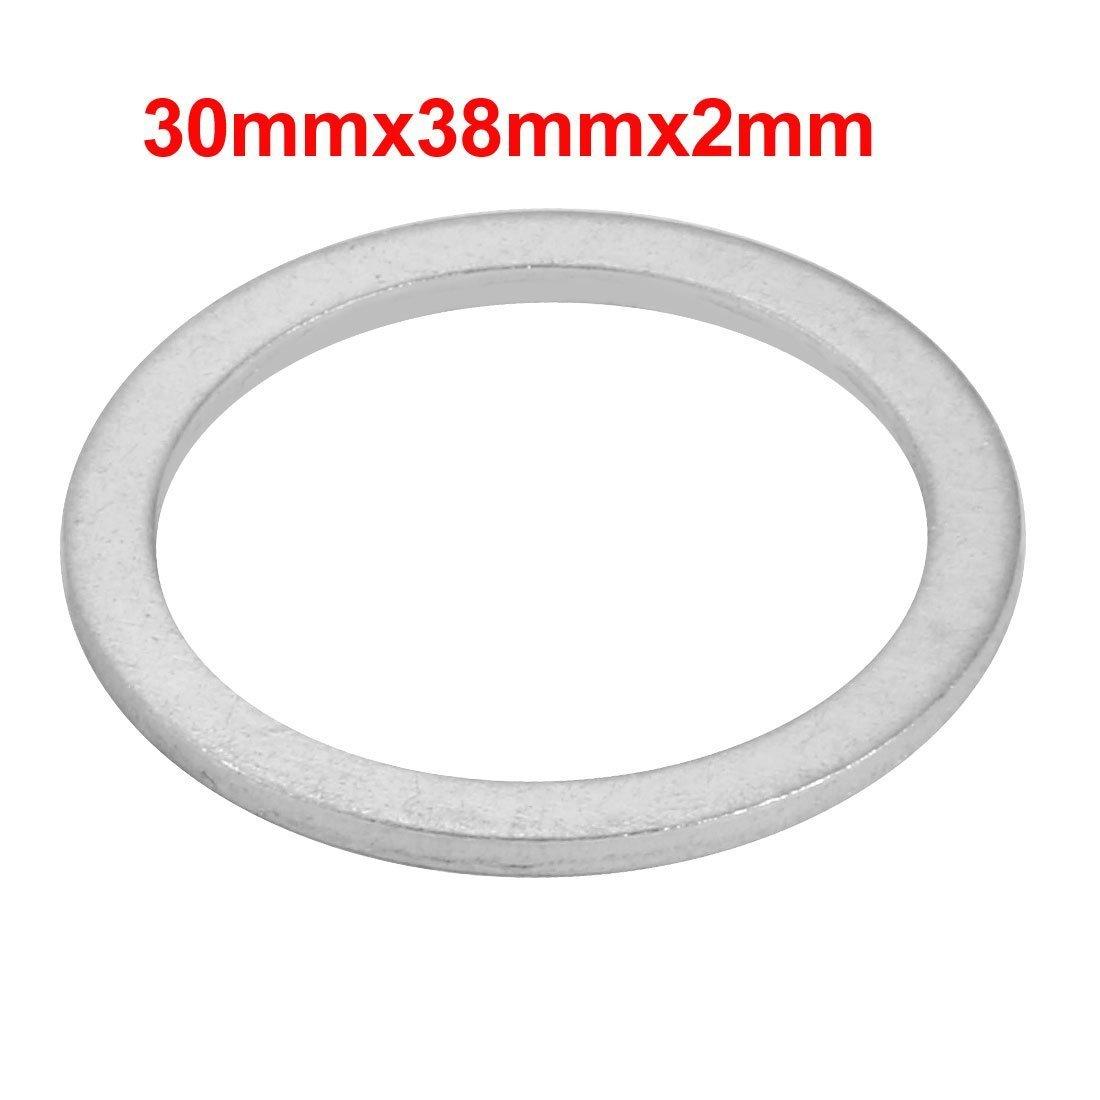 Amazon.com: Portal Cool 80Pcs 30mmx38mmx2mm Aluminum ...